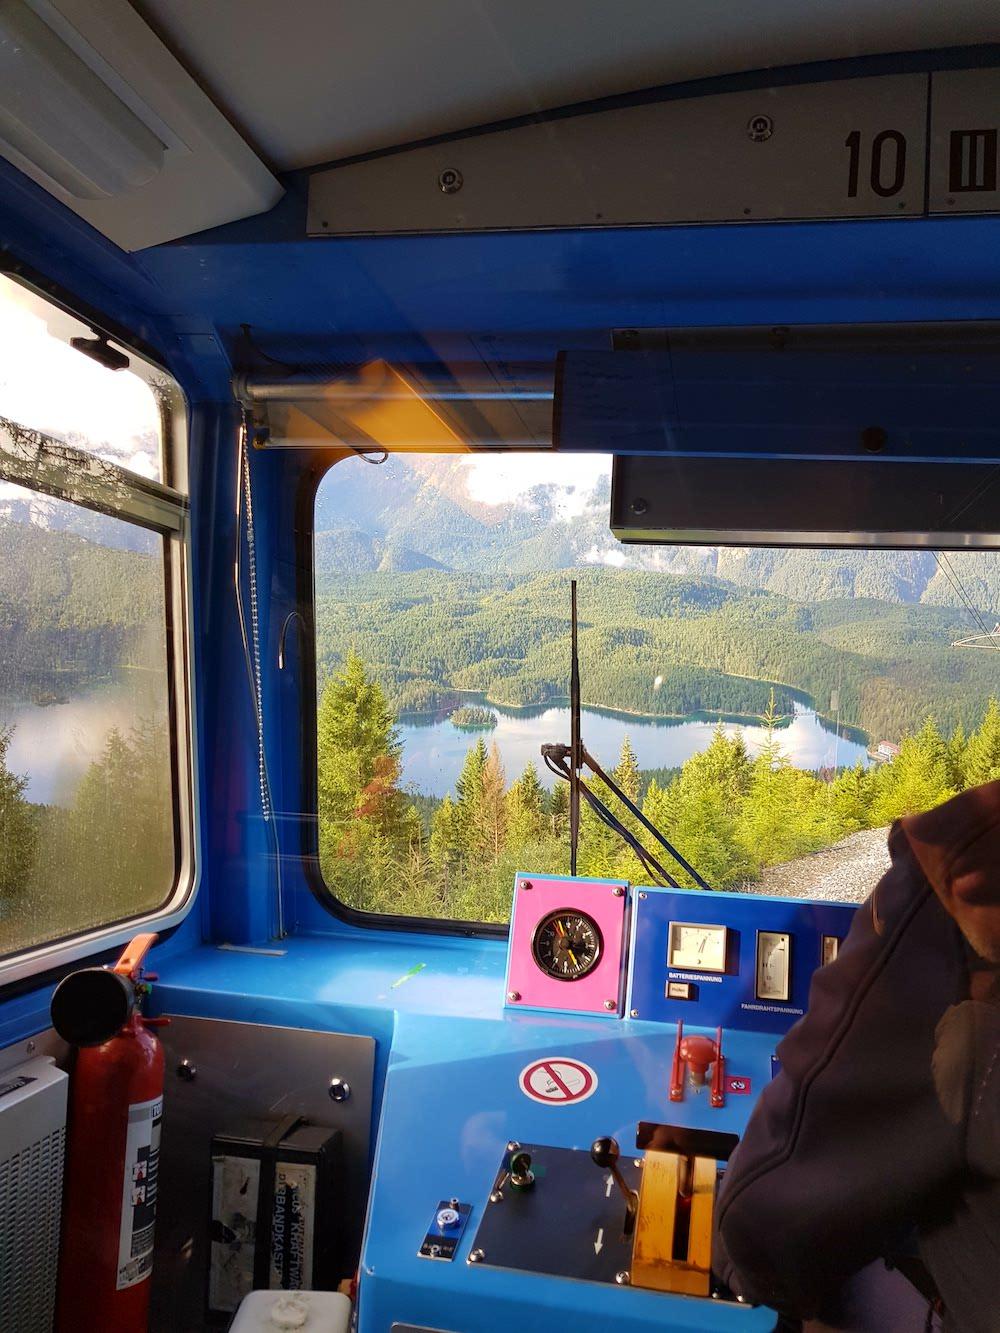 Eibsee - Fantastischer Ausblick aus der Zugspitzbahn